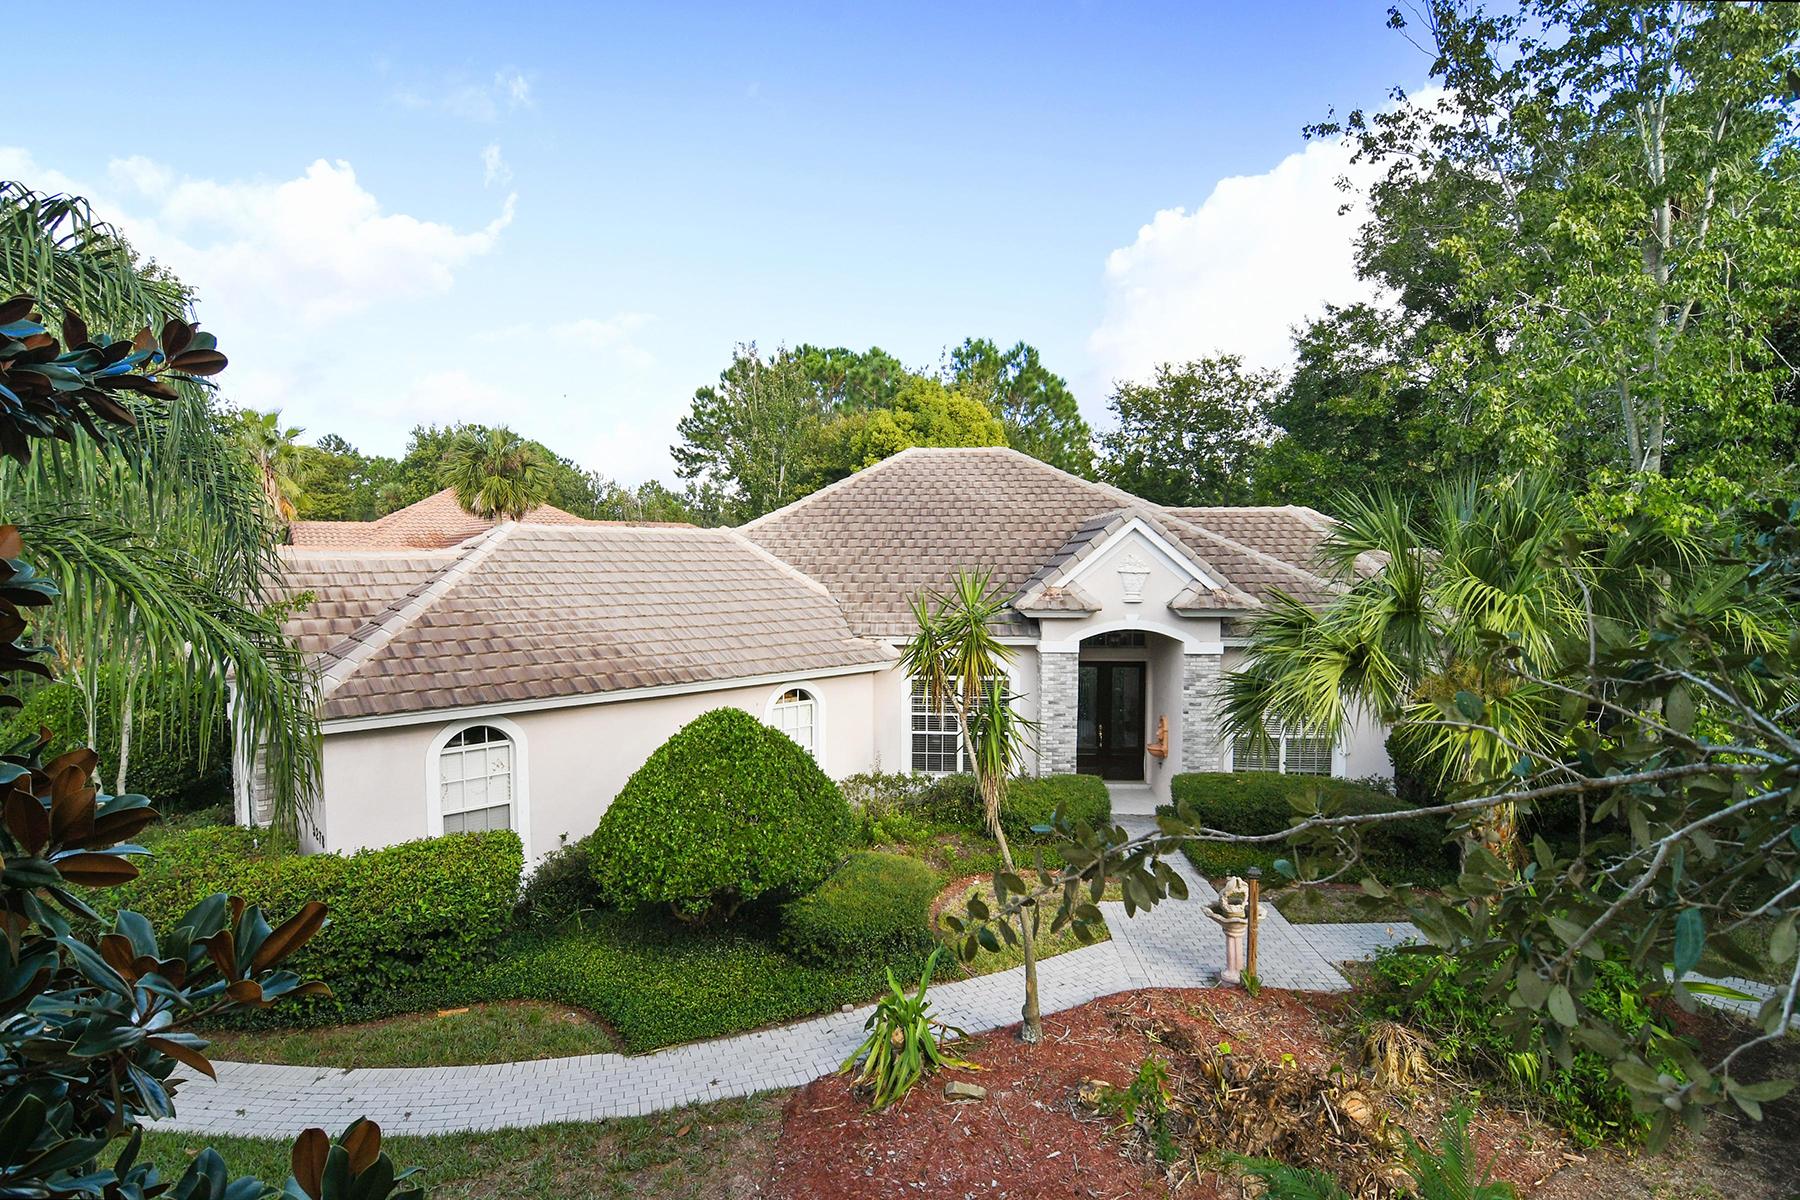 단독 가정 주택 용 매매 에 ORLANDO - SANFORD 5278 Shoreline Cir Sanford, 플로리다, 32771 미국